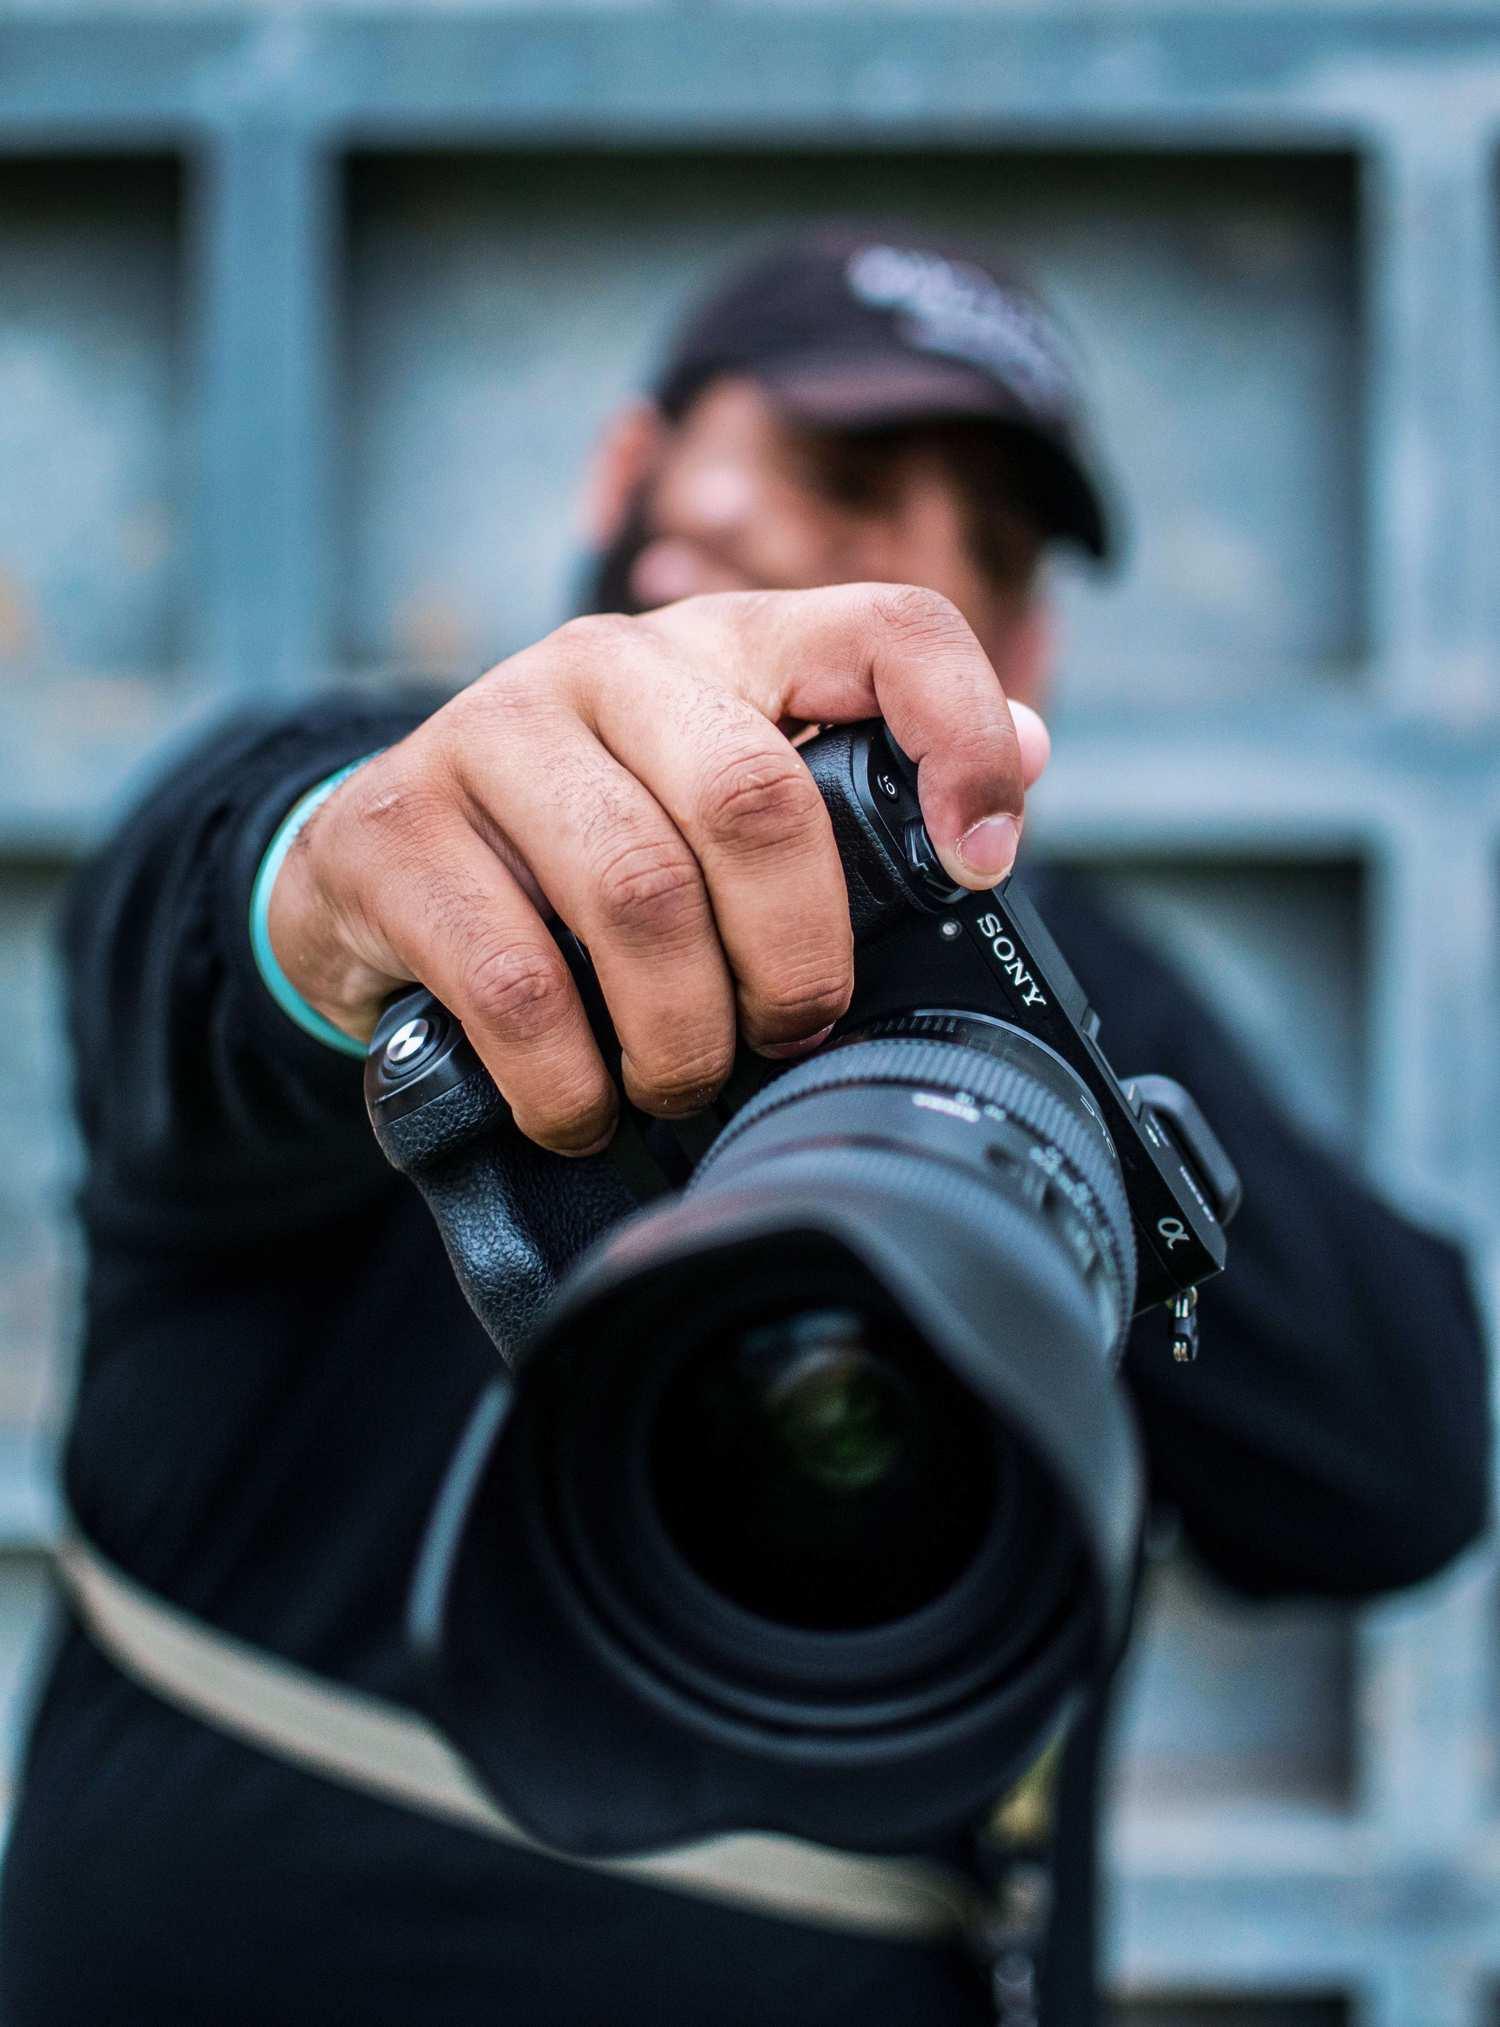 Fotógrafo urbano con cámara en mano